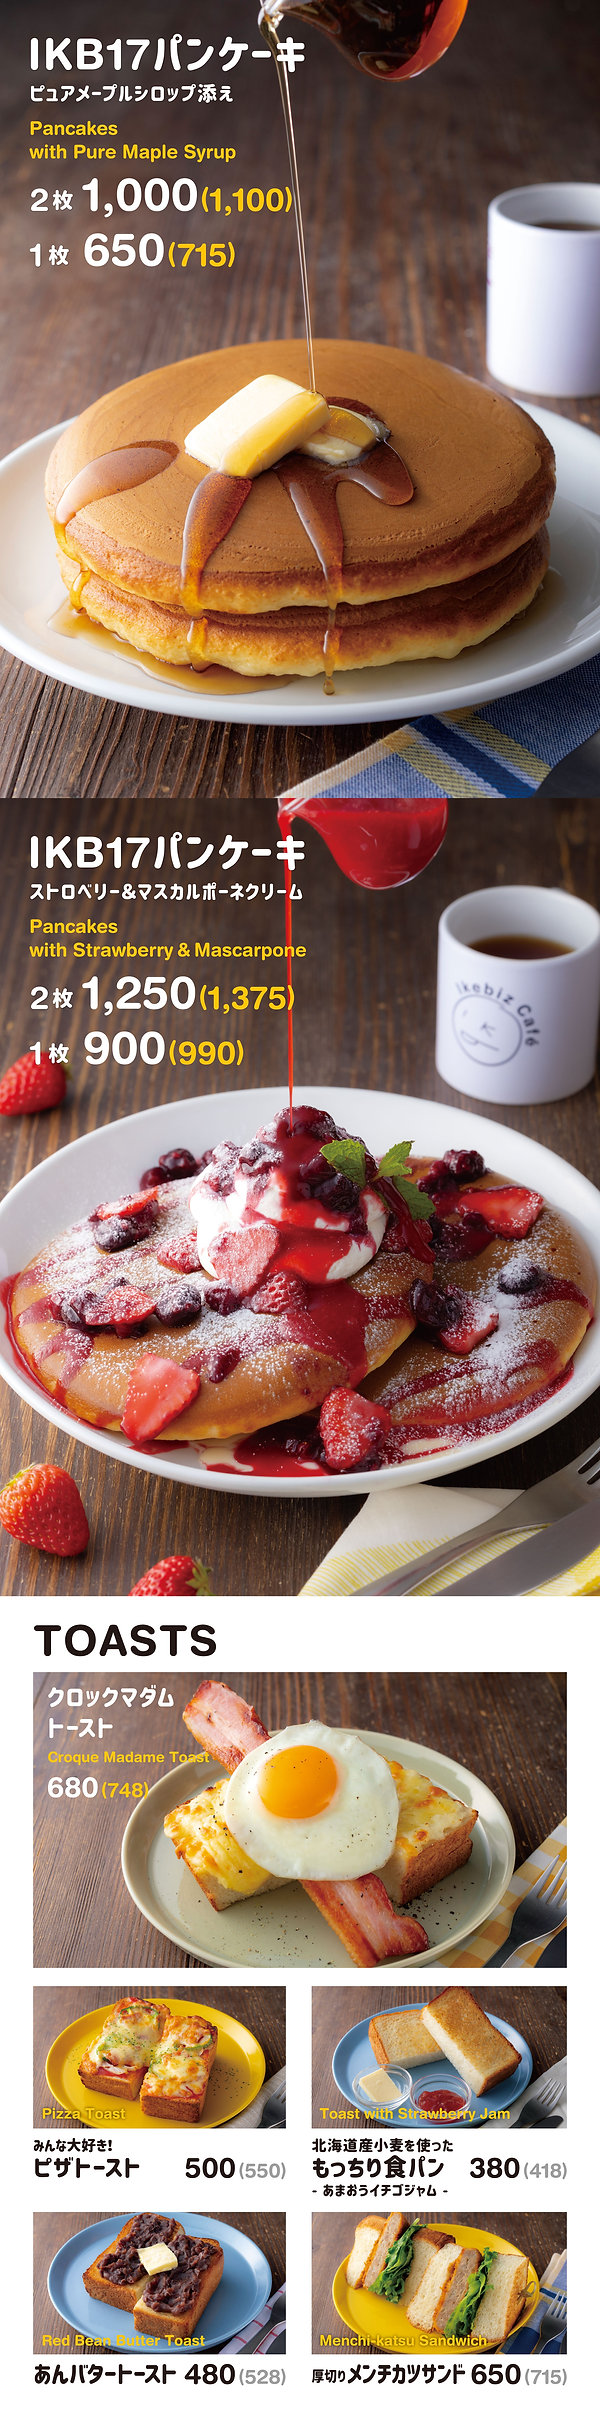 0601 イケビズカフェ パンケーキ トースト.jpg